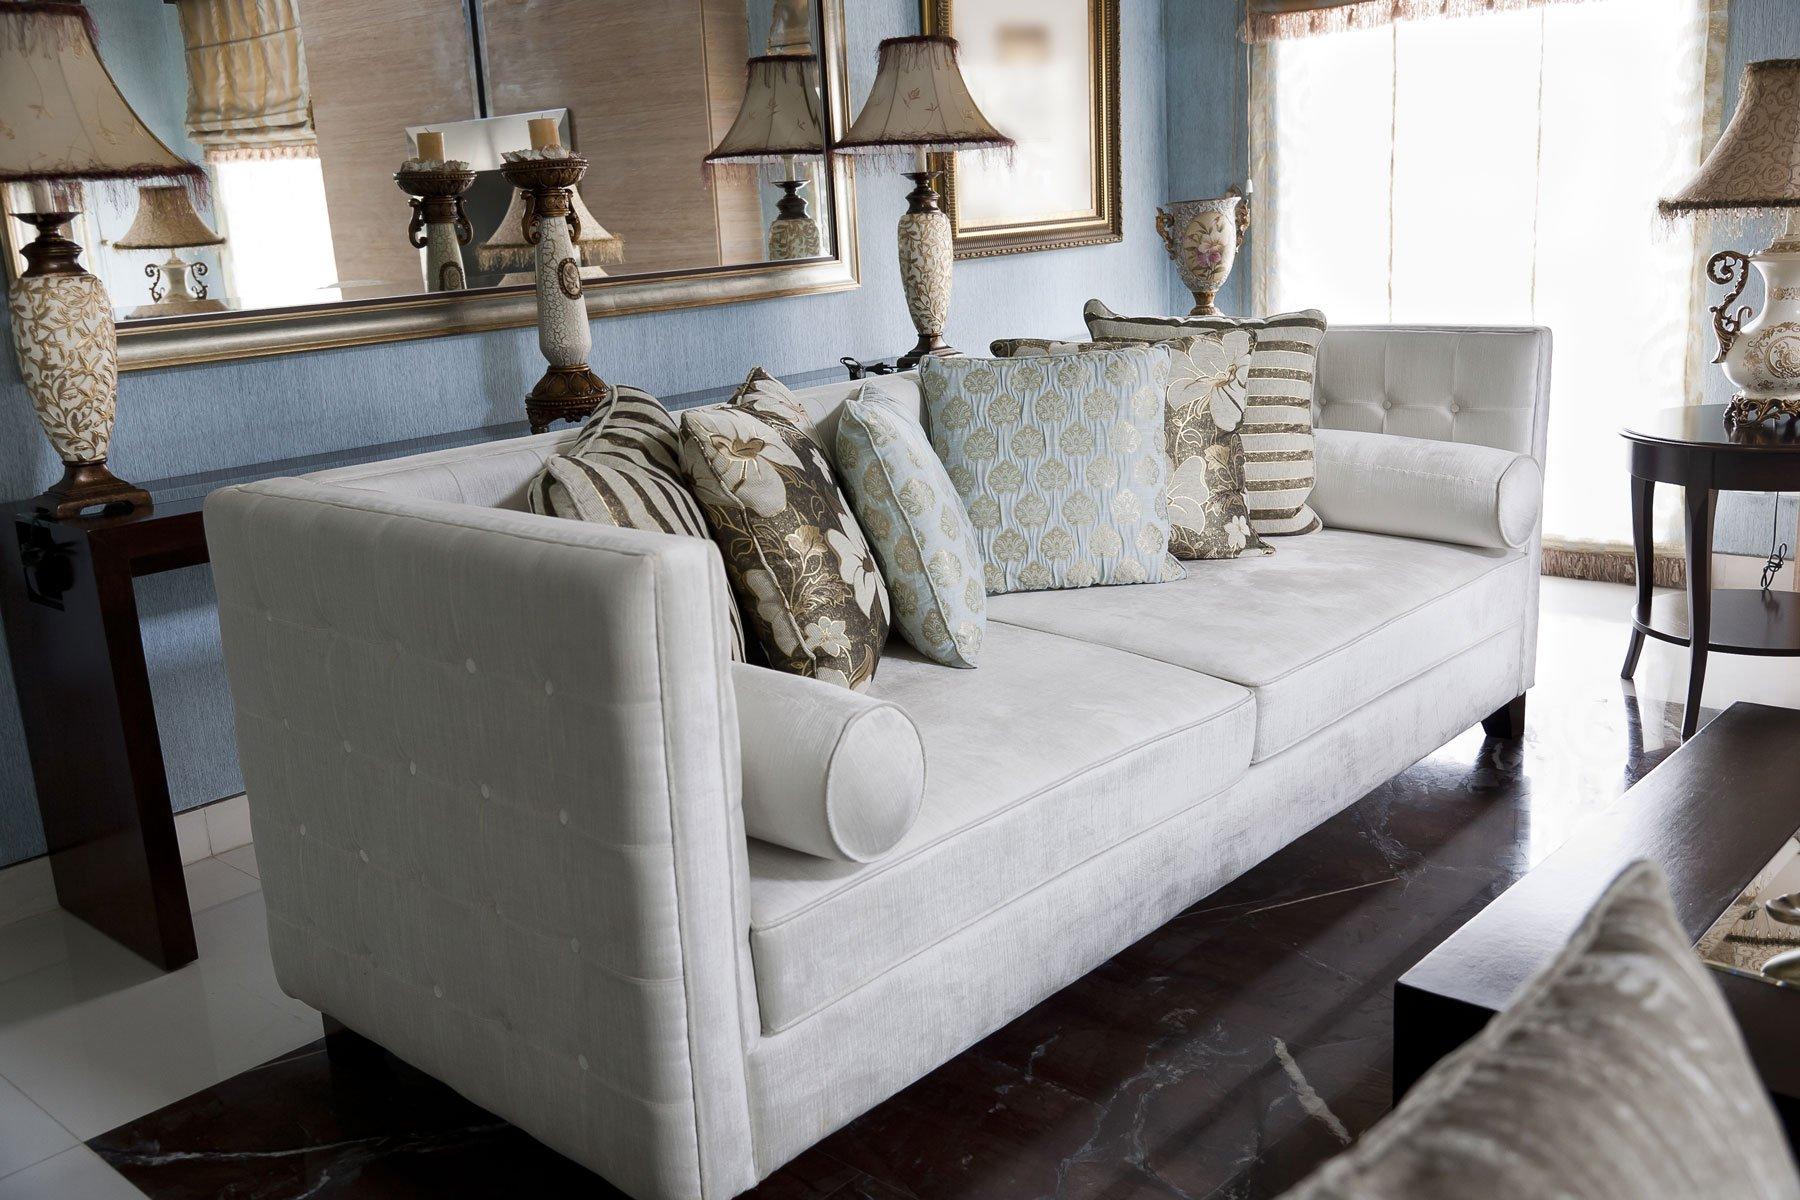 un divano da tre posti e uno specchio grande al muro